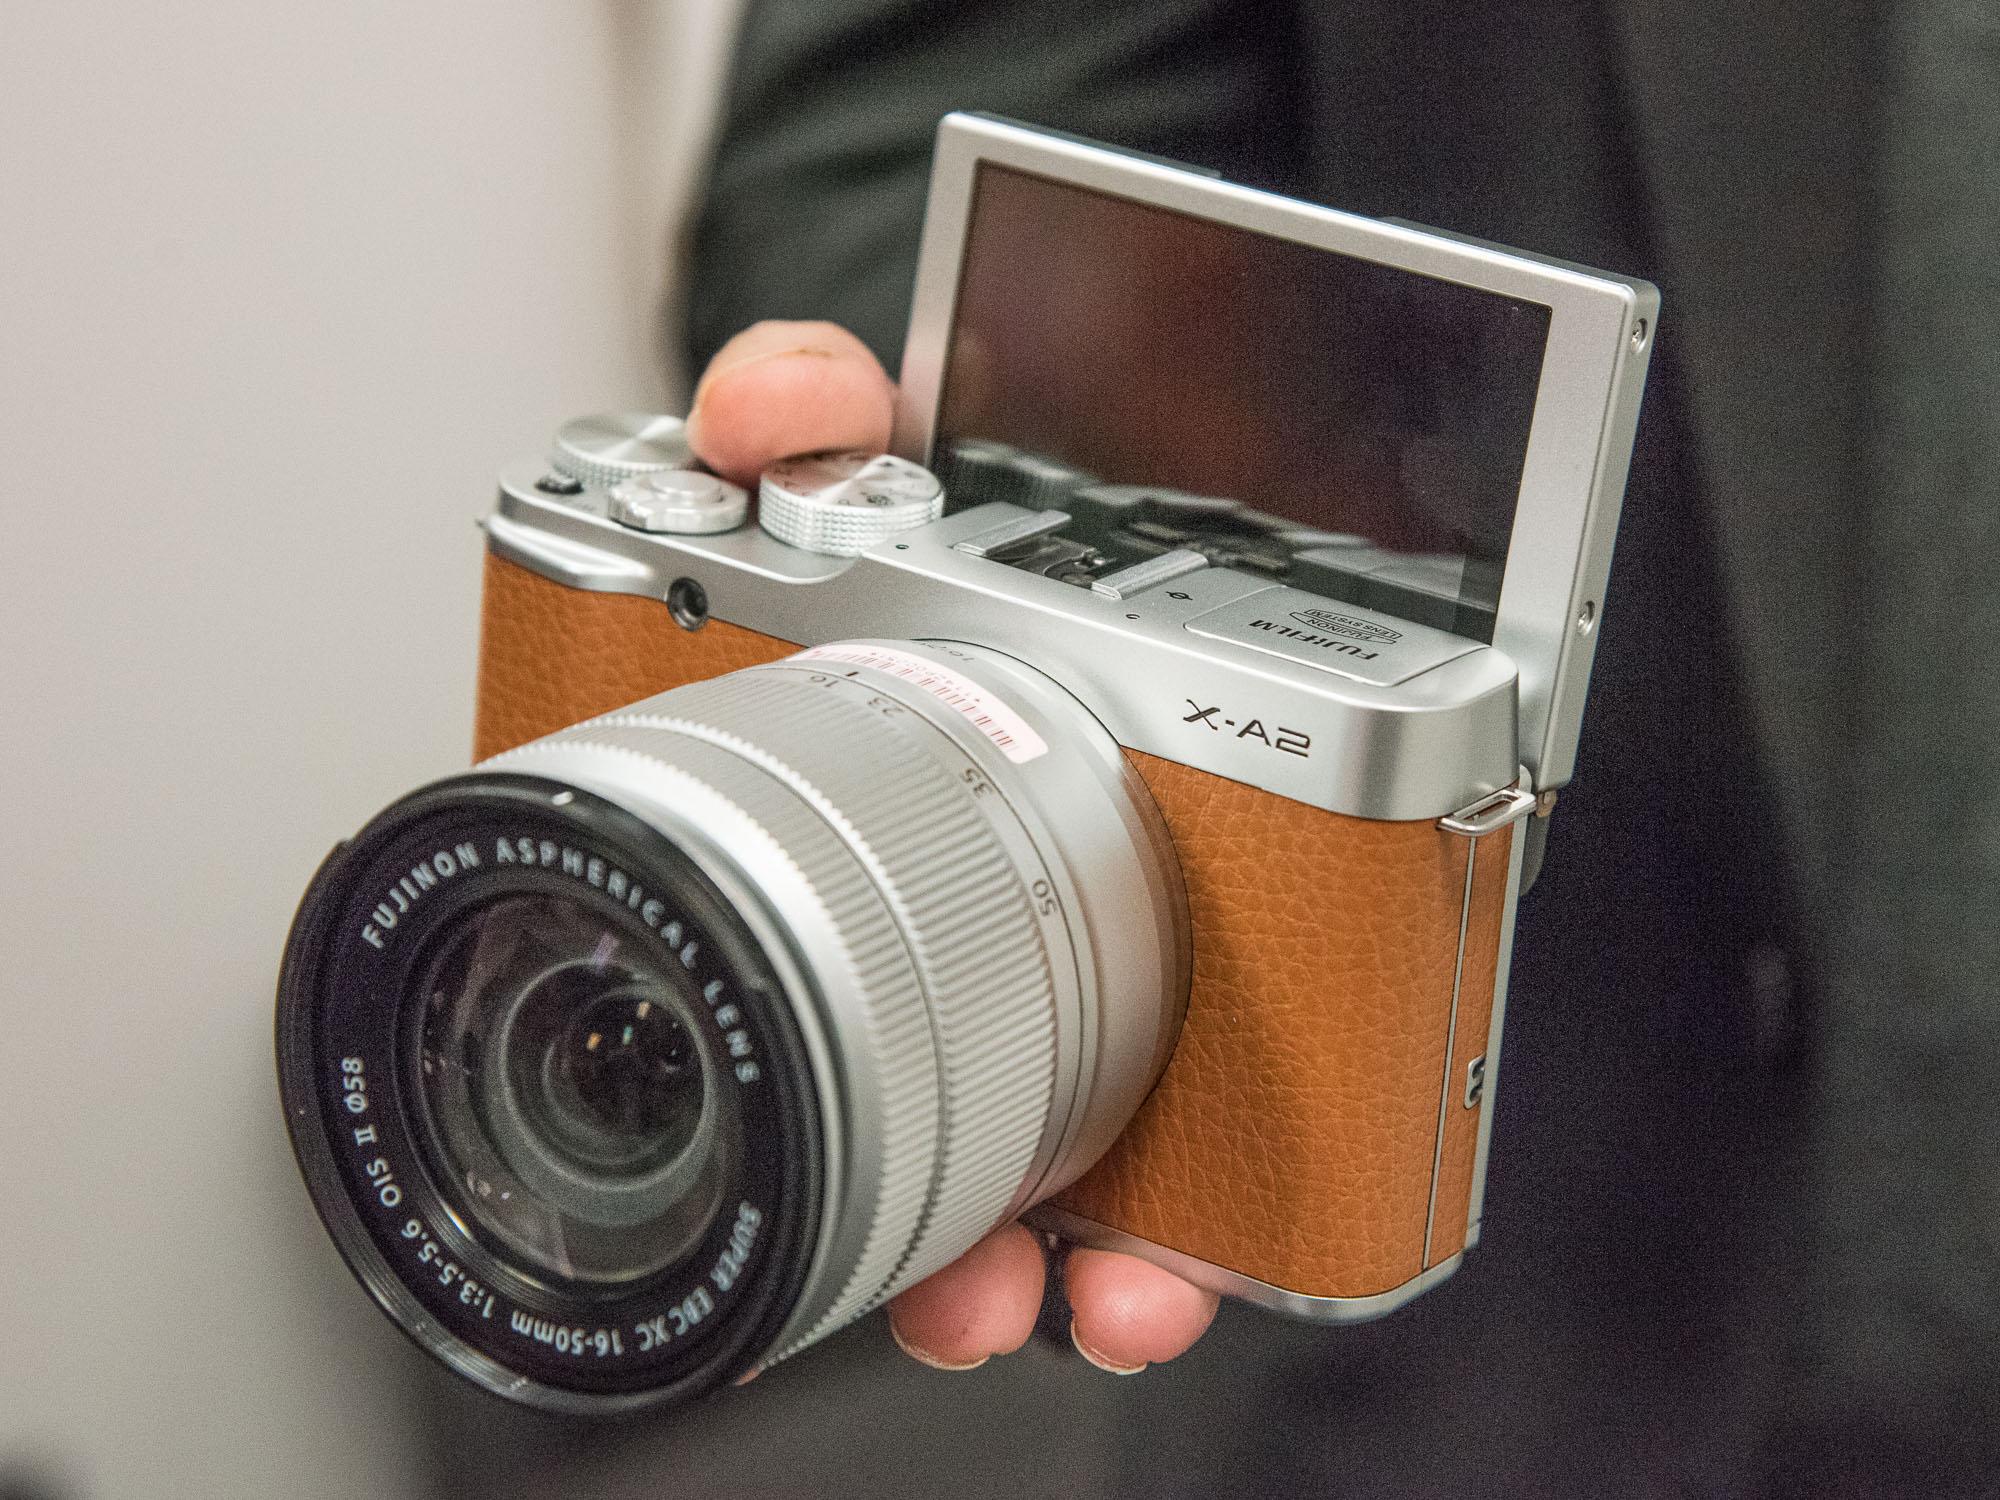 Foto dari DPReview Sony a6000 bisa dibilang merupakan kamera mirrorless level pemula